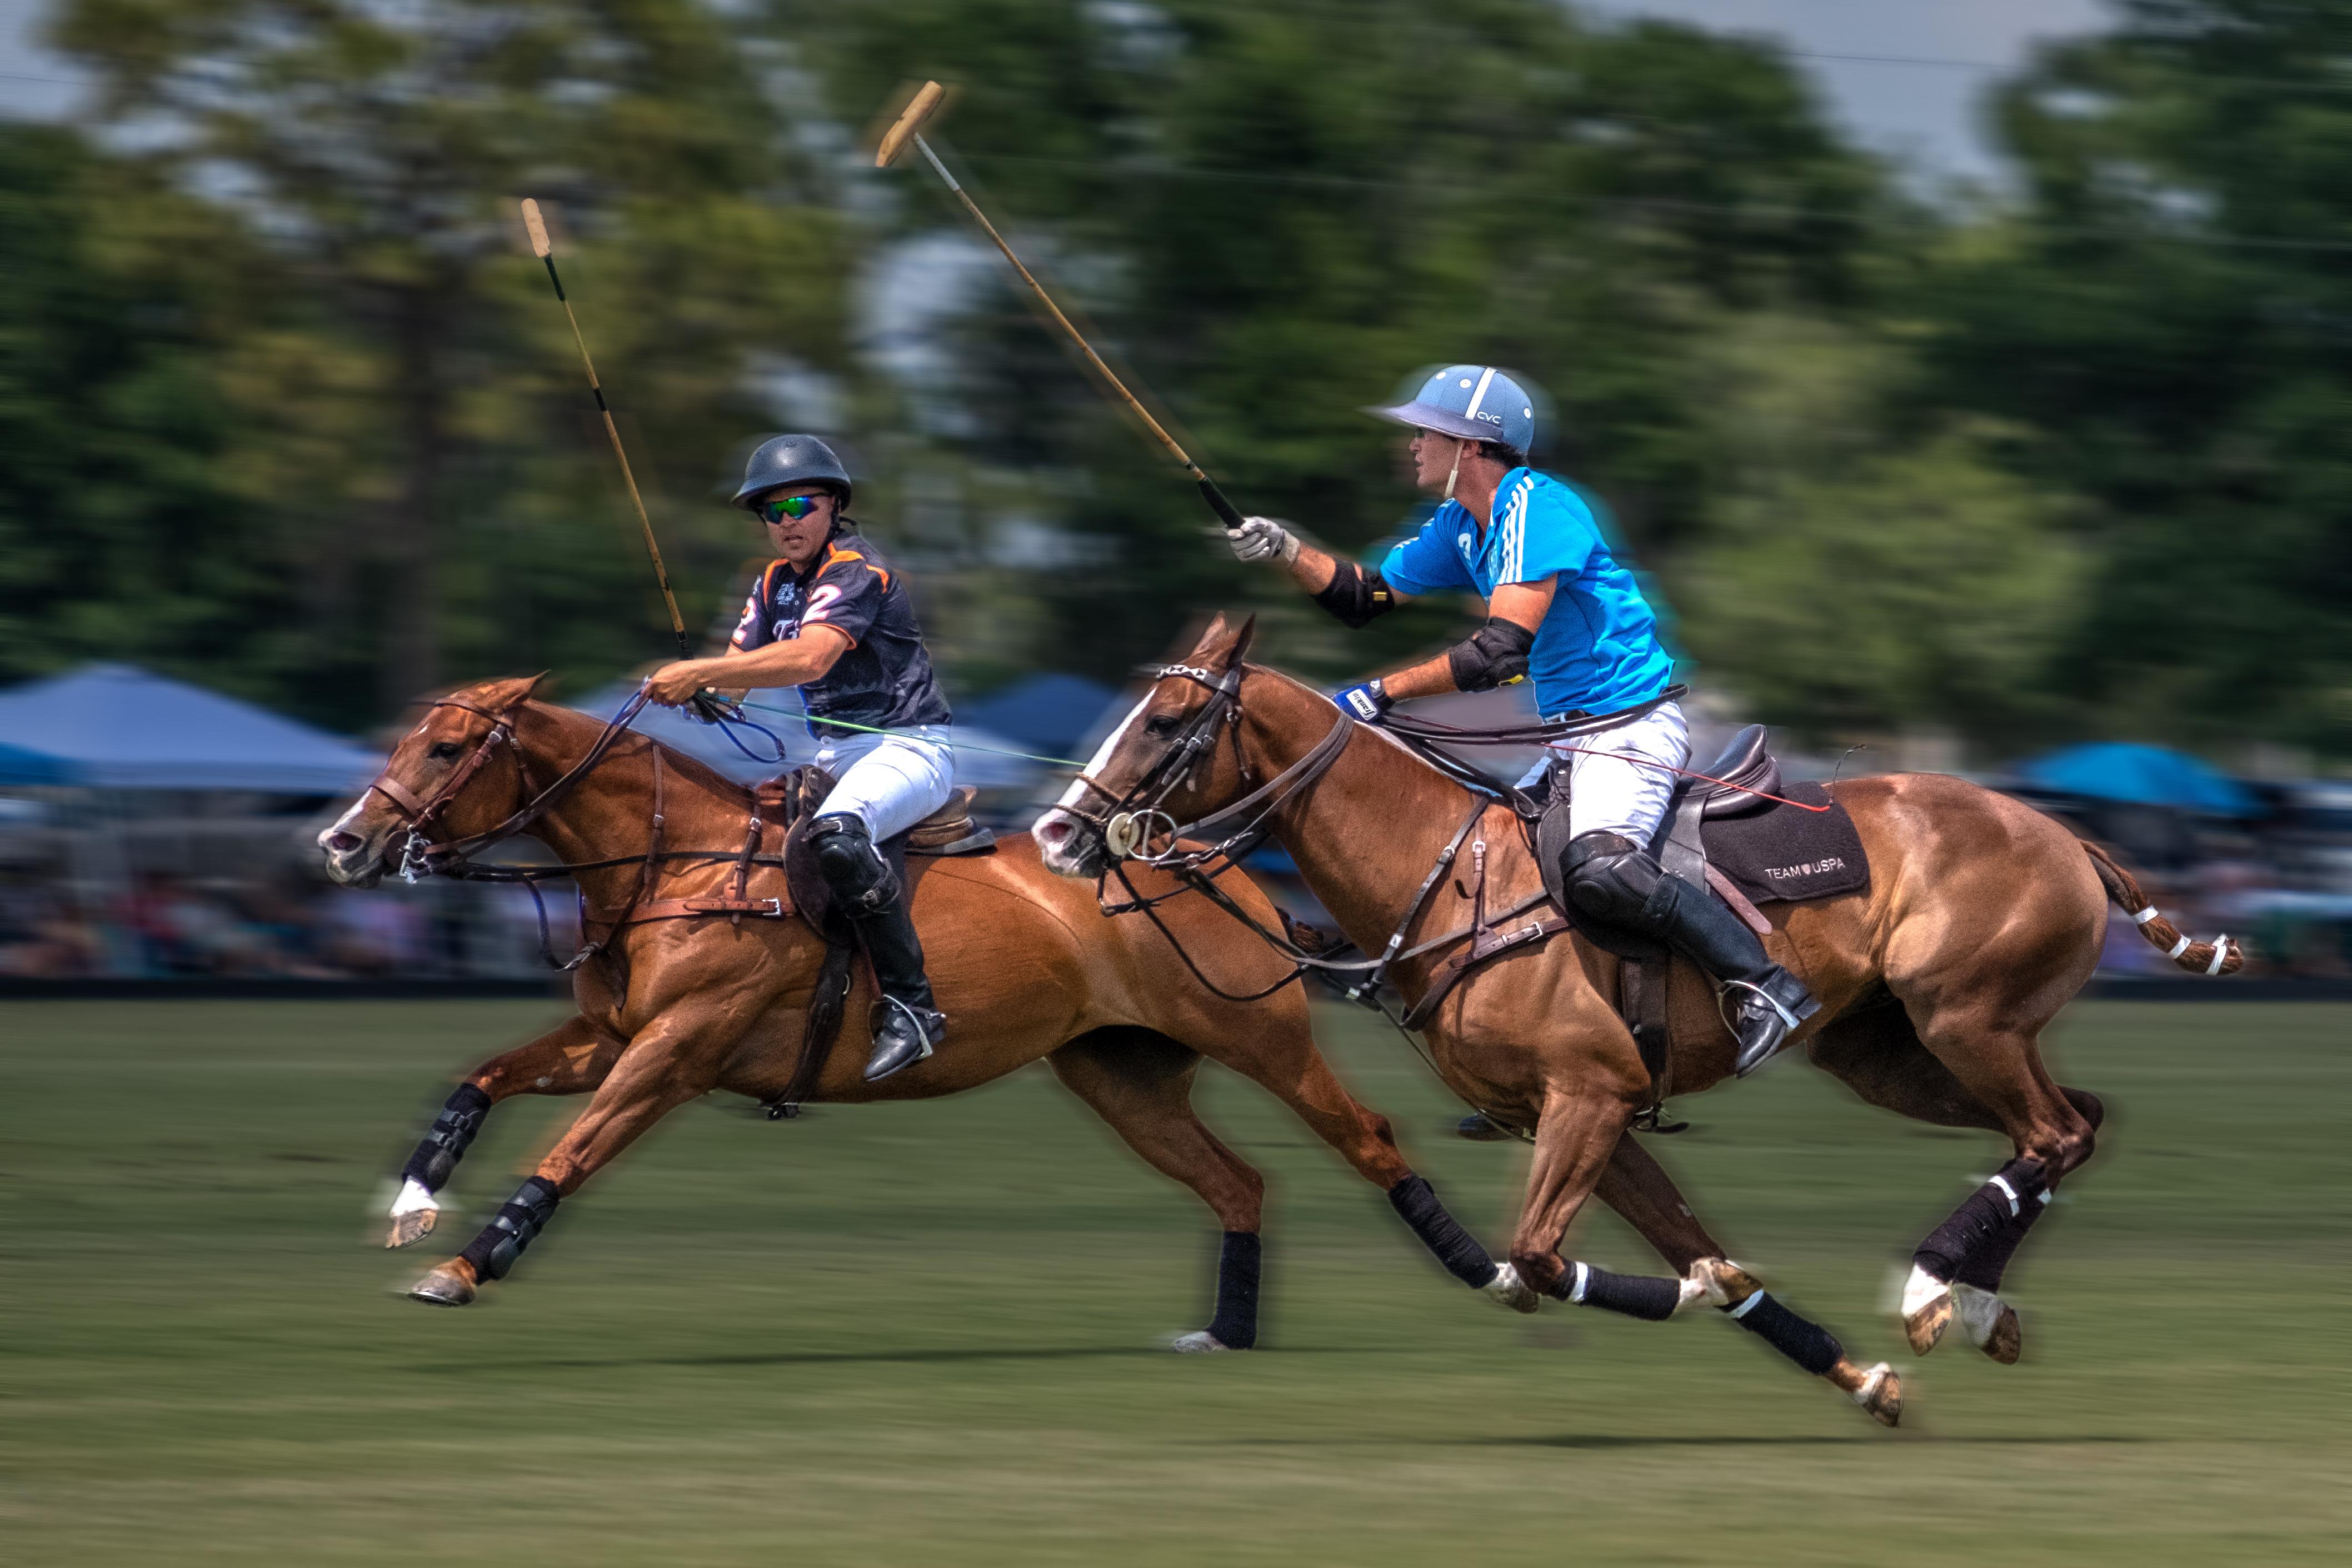 021-Polo-Riders-Hillcroft-03-Costi-Caset